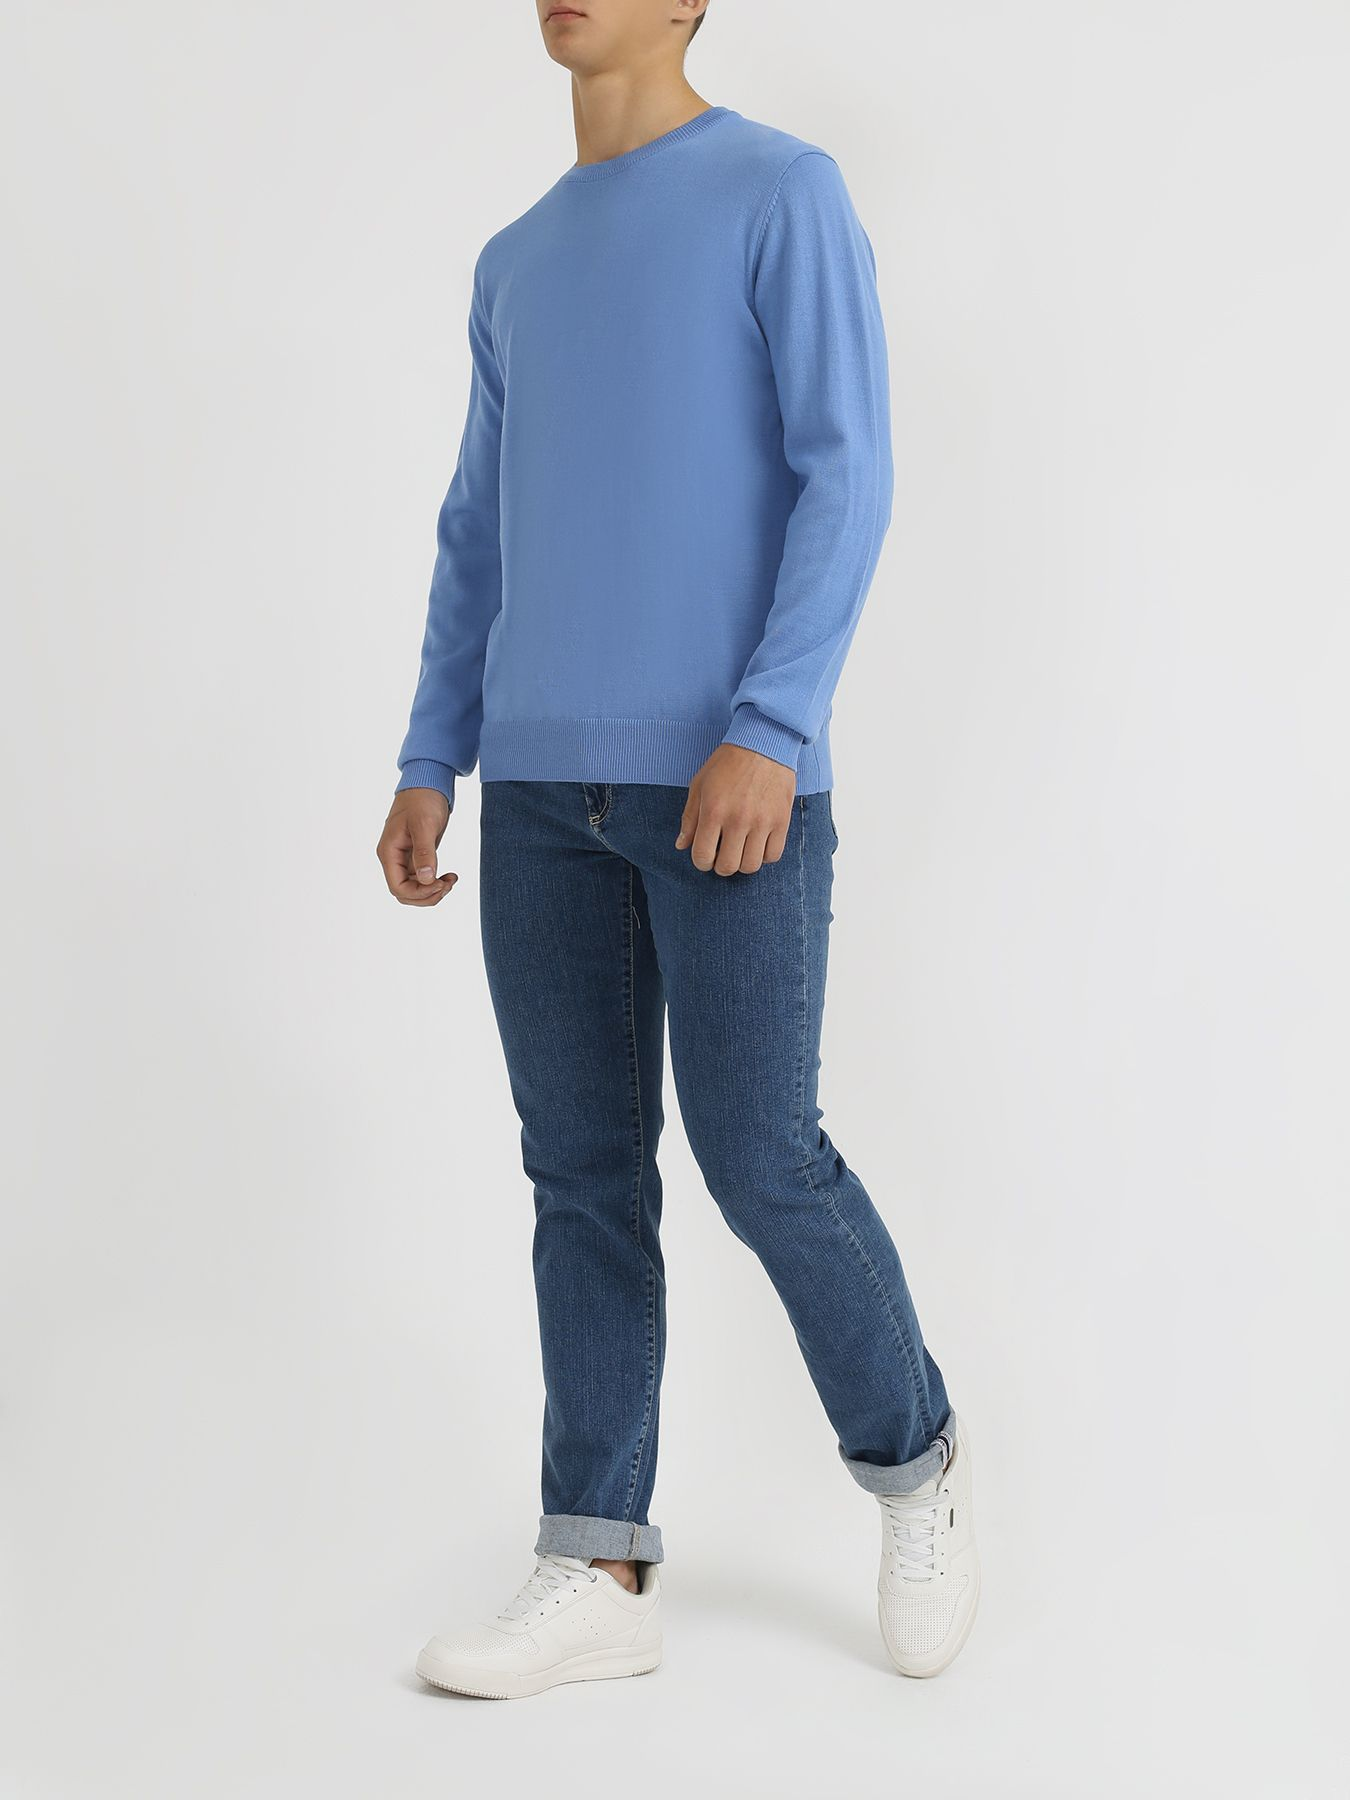 Брюки Korpo Collezioni Зауженные джинсы